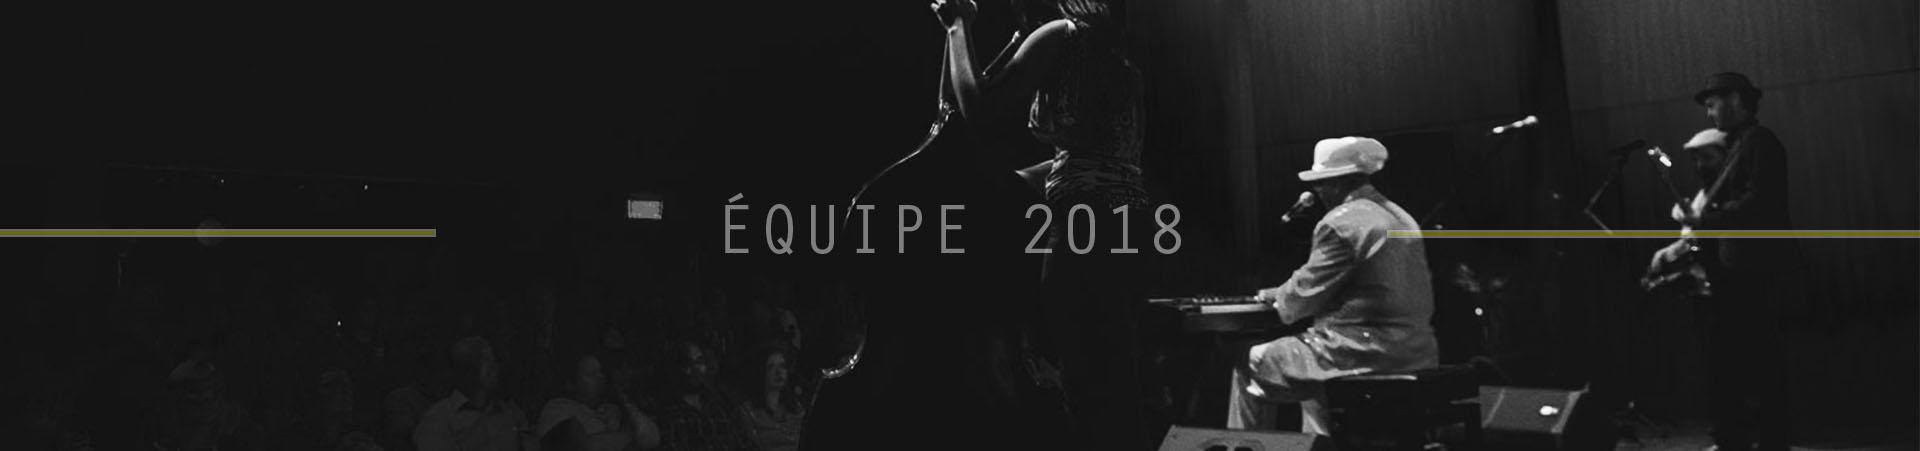 Équipe2018